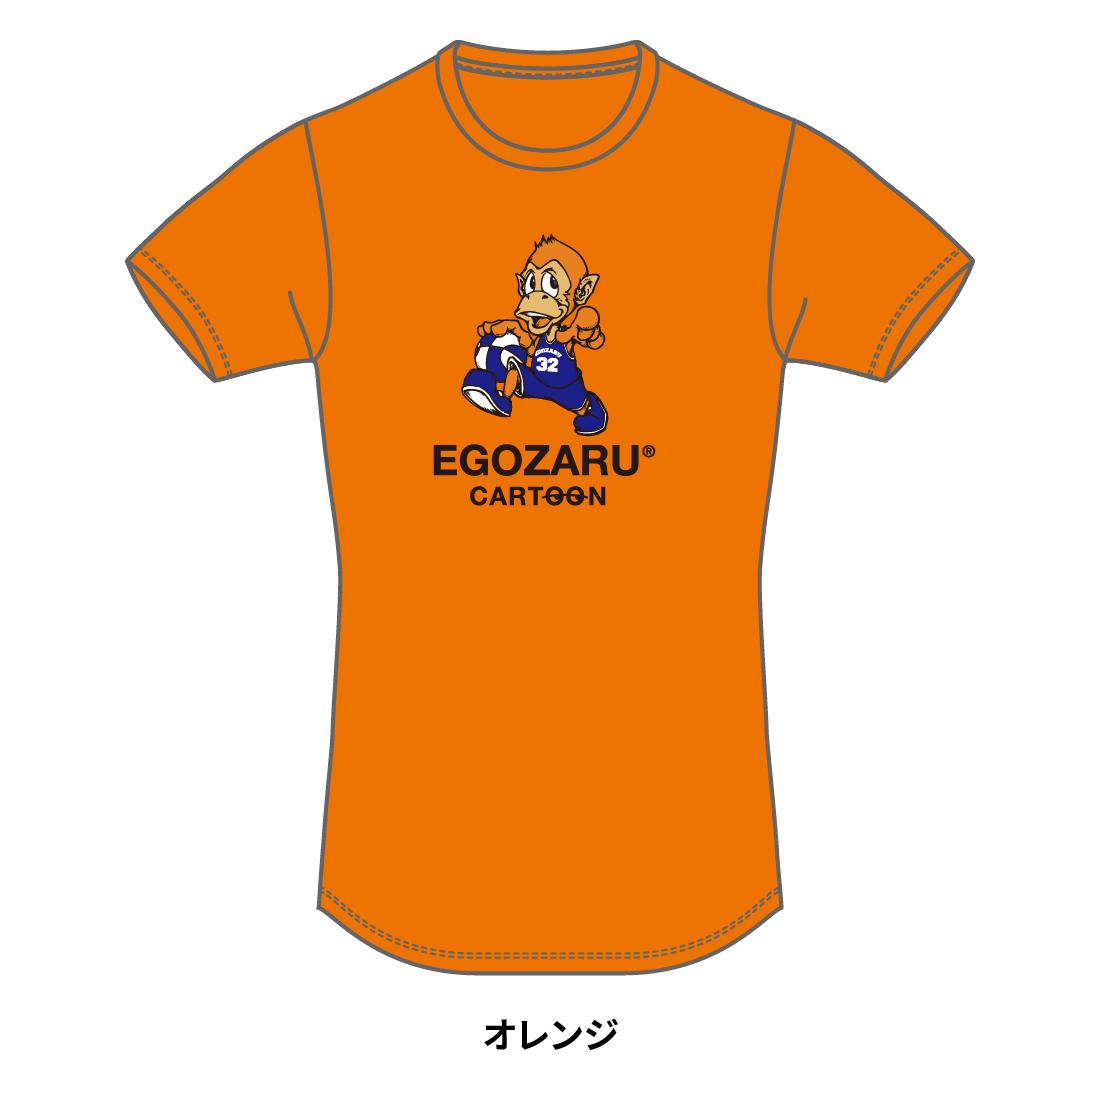 【第51回全ミニ限定】CARTOON tommy TシャツB(半袖)オレンジ